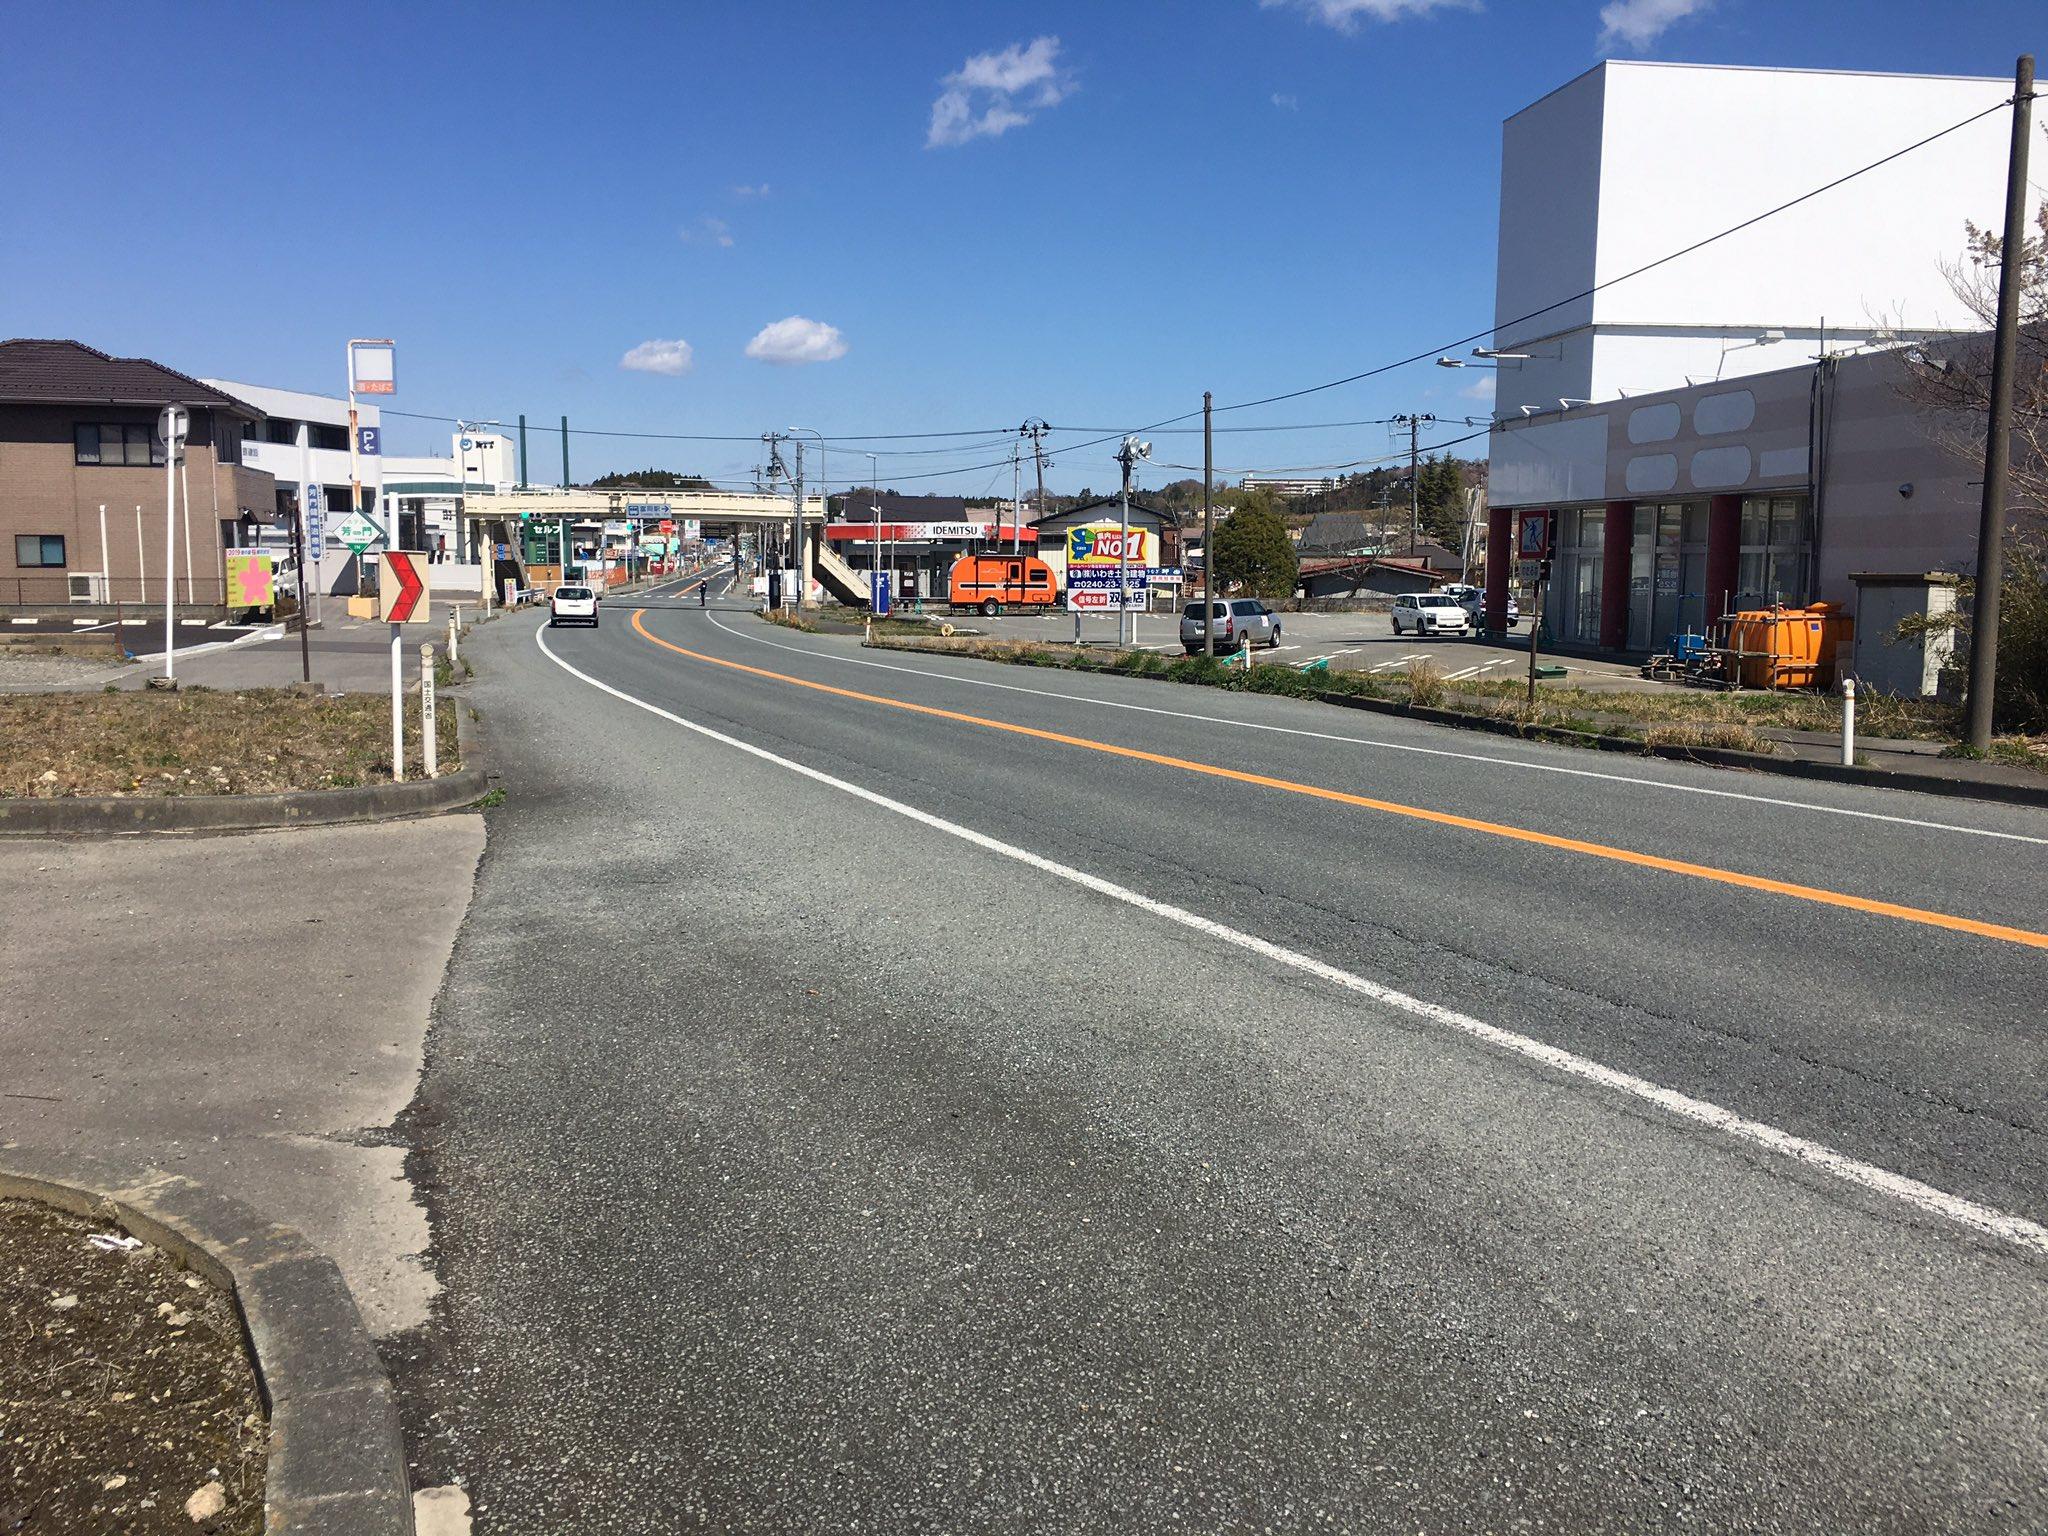 画像,6国、楢葉〜富岡間で事故通行止めだしけどー!サンロク線に要迂回。4/15 10:30 https://t.co/WyjrY6Bvq6…